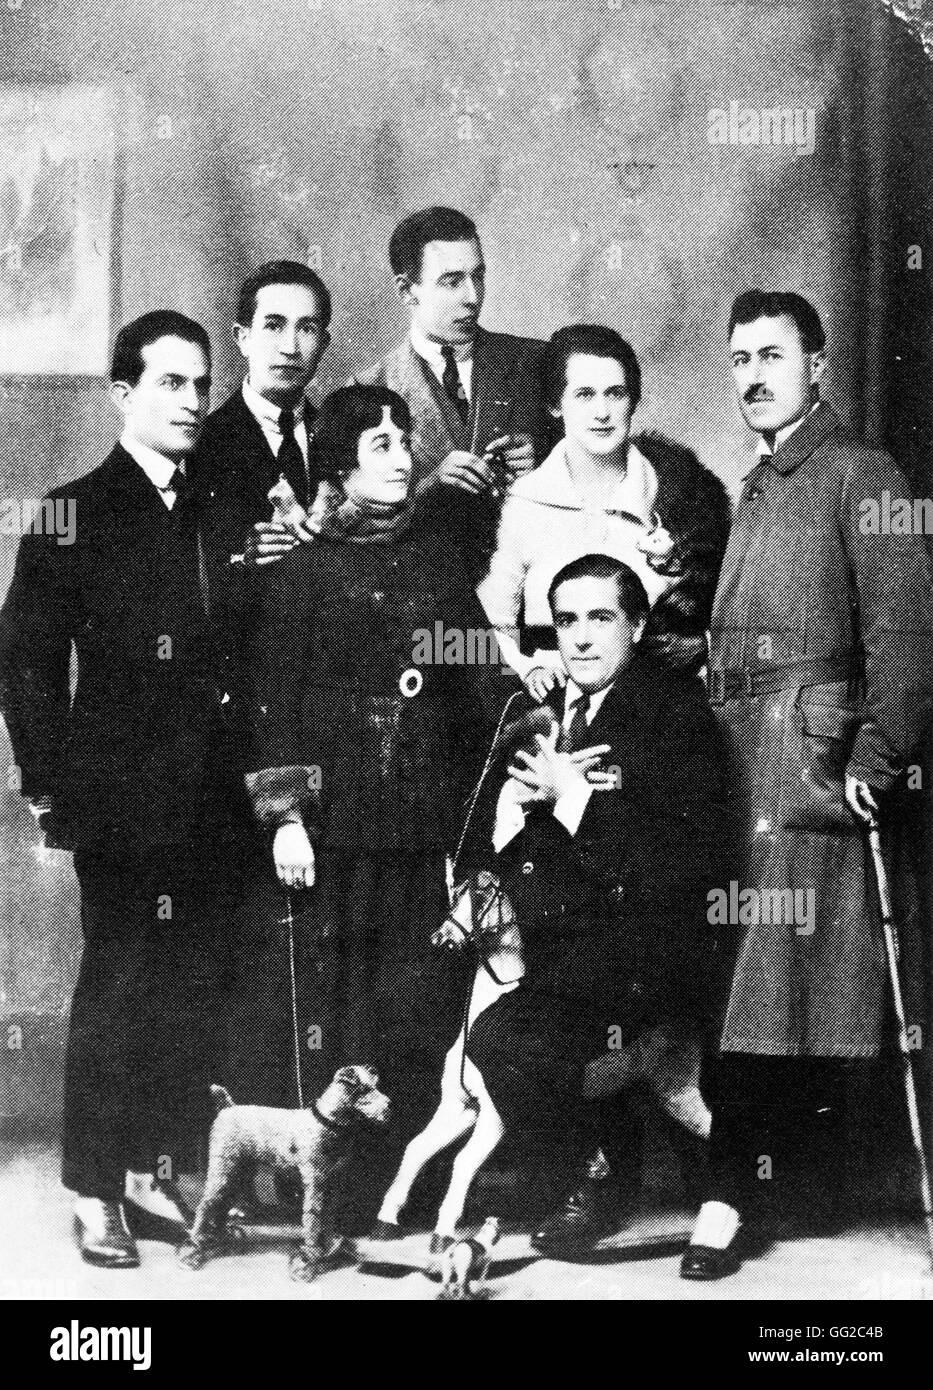 """Mouvement dadaïste. Picabia sur son """"dada"""" (cheval). Derrière lui, G. Everling 1919 France Photo Stock"""